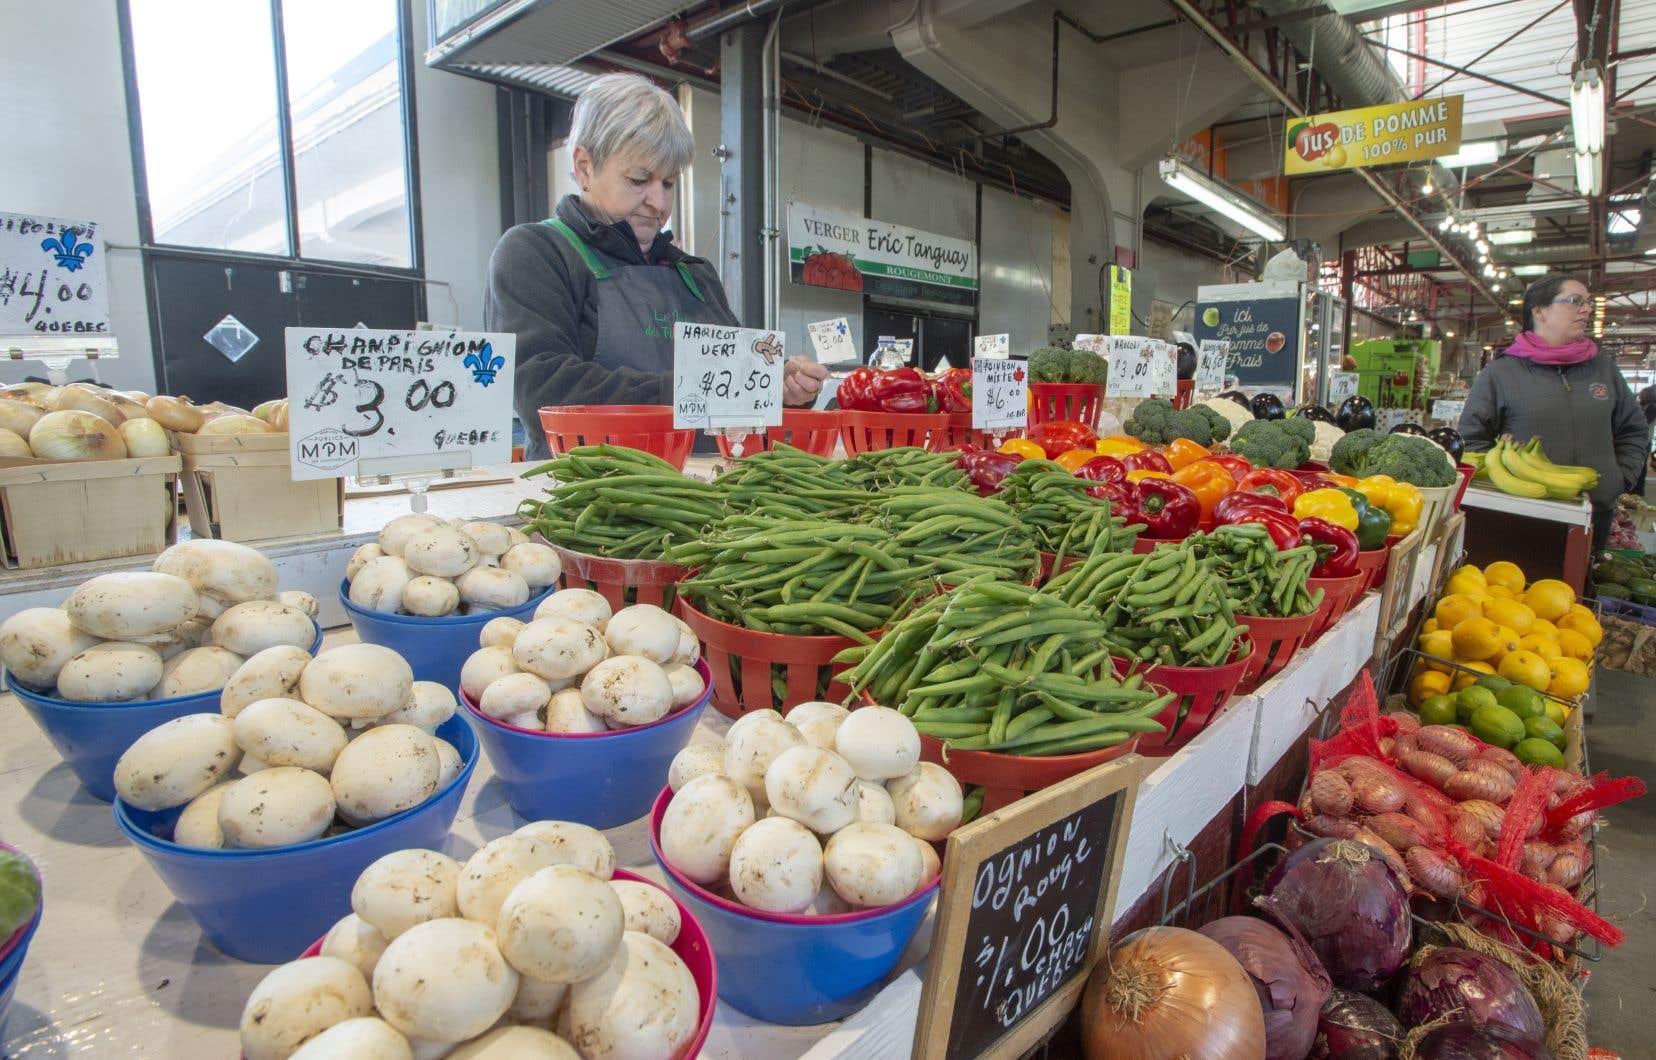 Les Québécois, s'ils s'approvisionnent surtout dans les supermarchés, ont un plaisir évident à fréquenter les marchés publics.